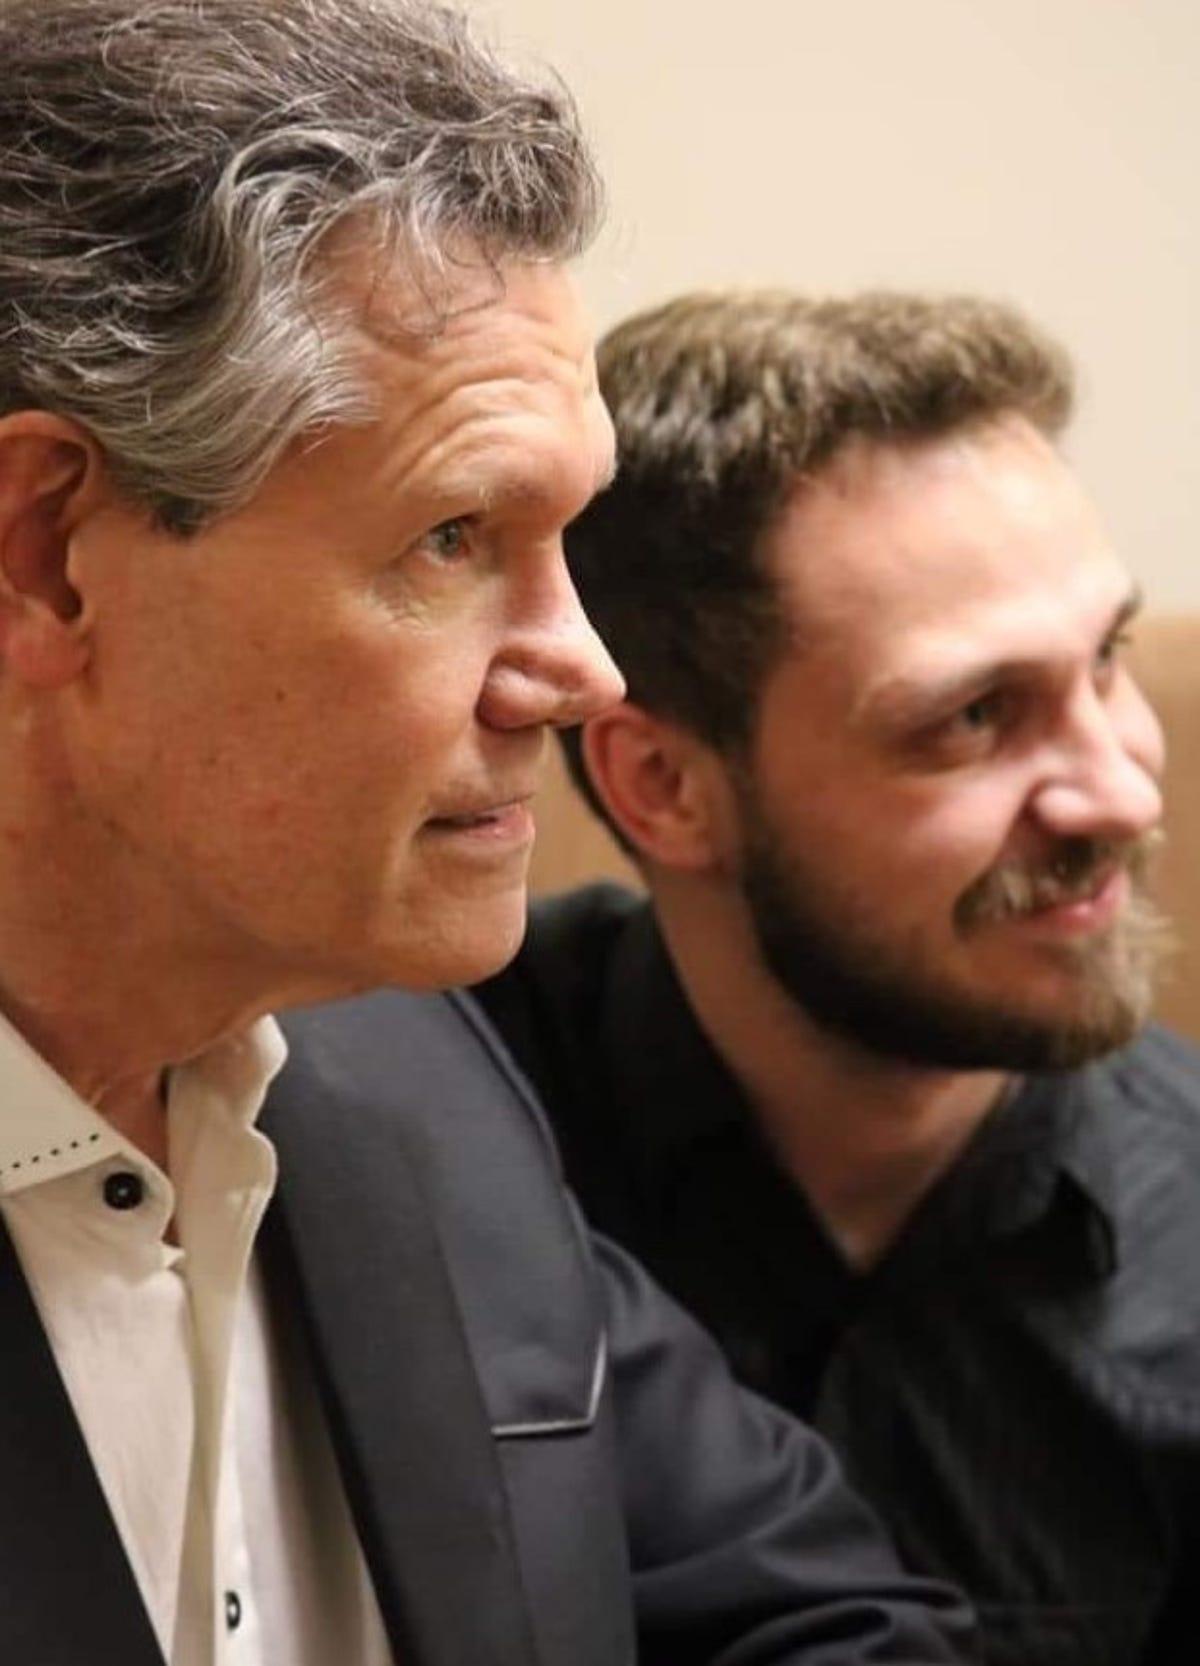 Naples Singer Offers Randy Travis An Impromptu Duet Partner